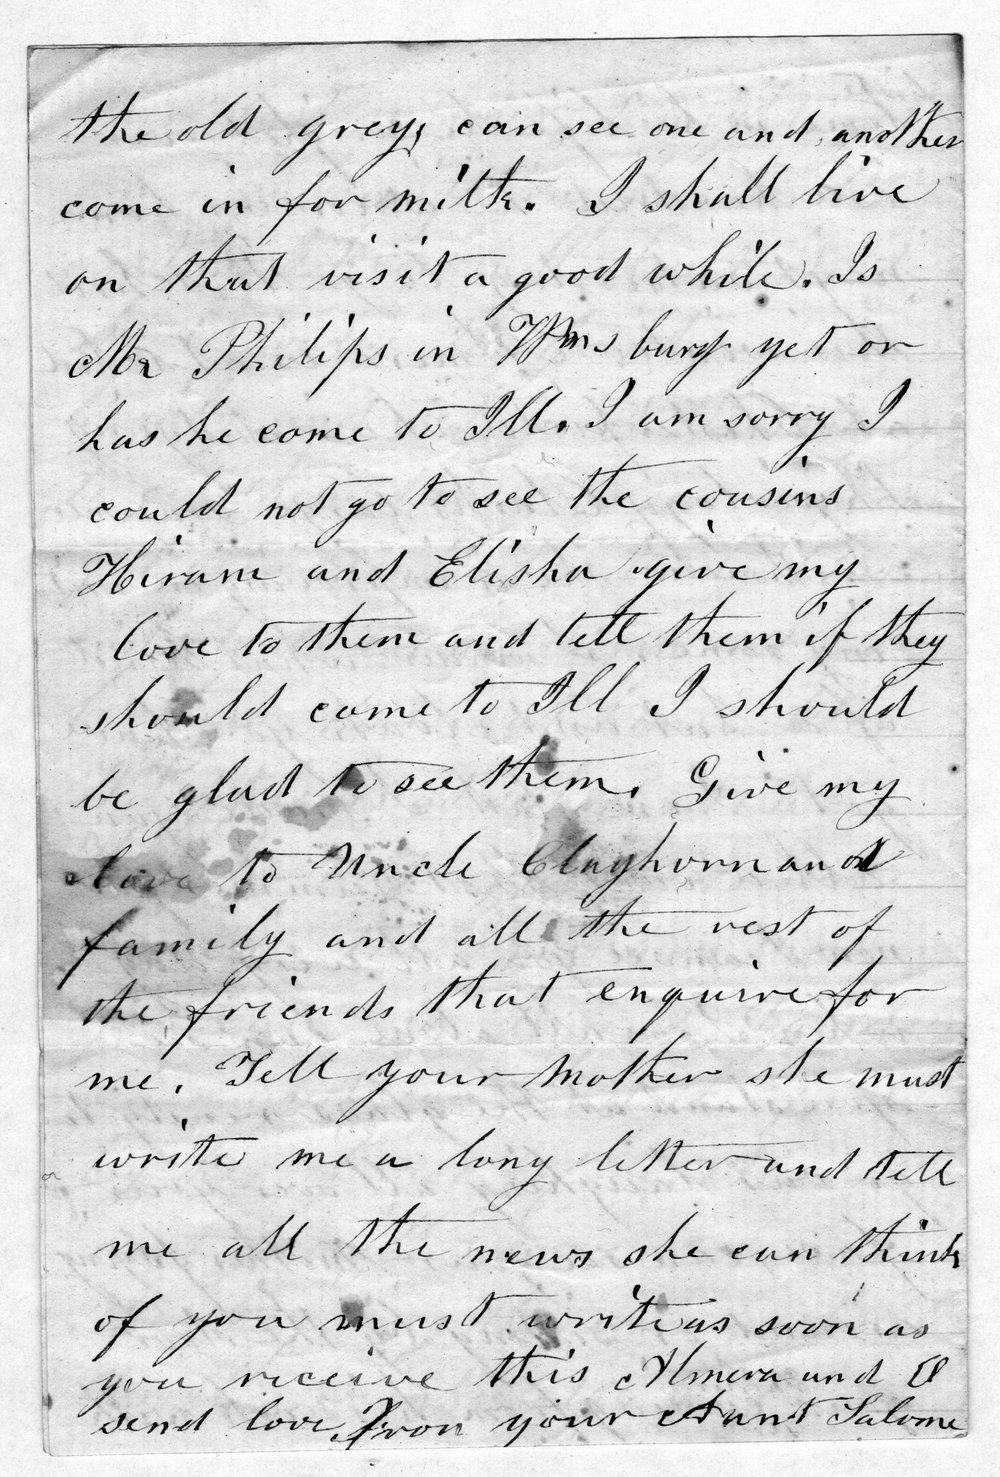 Hiram Hill family correspondence and diary - 5